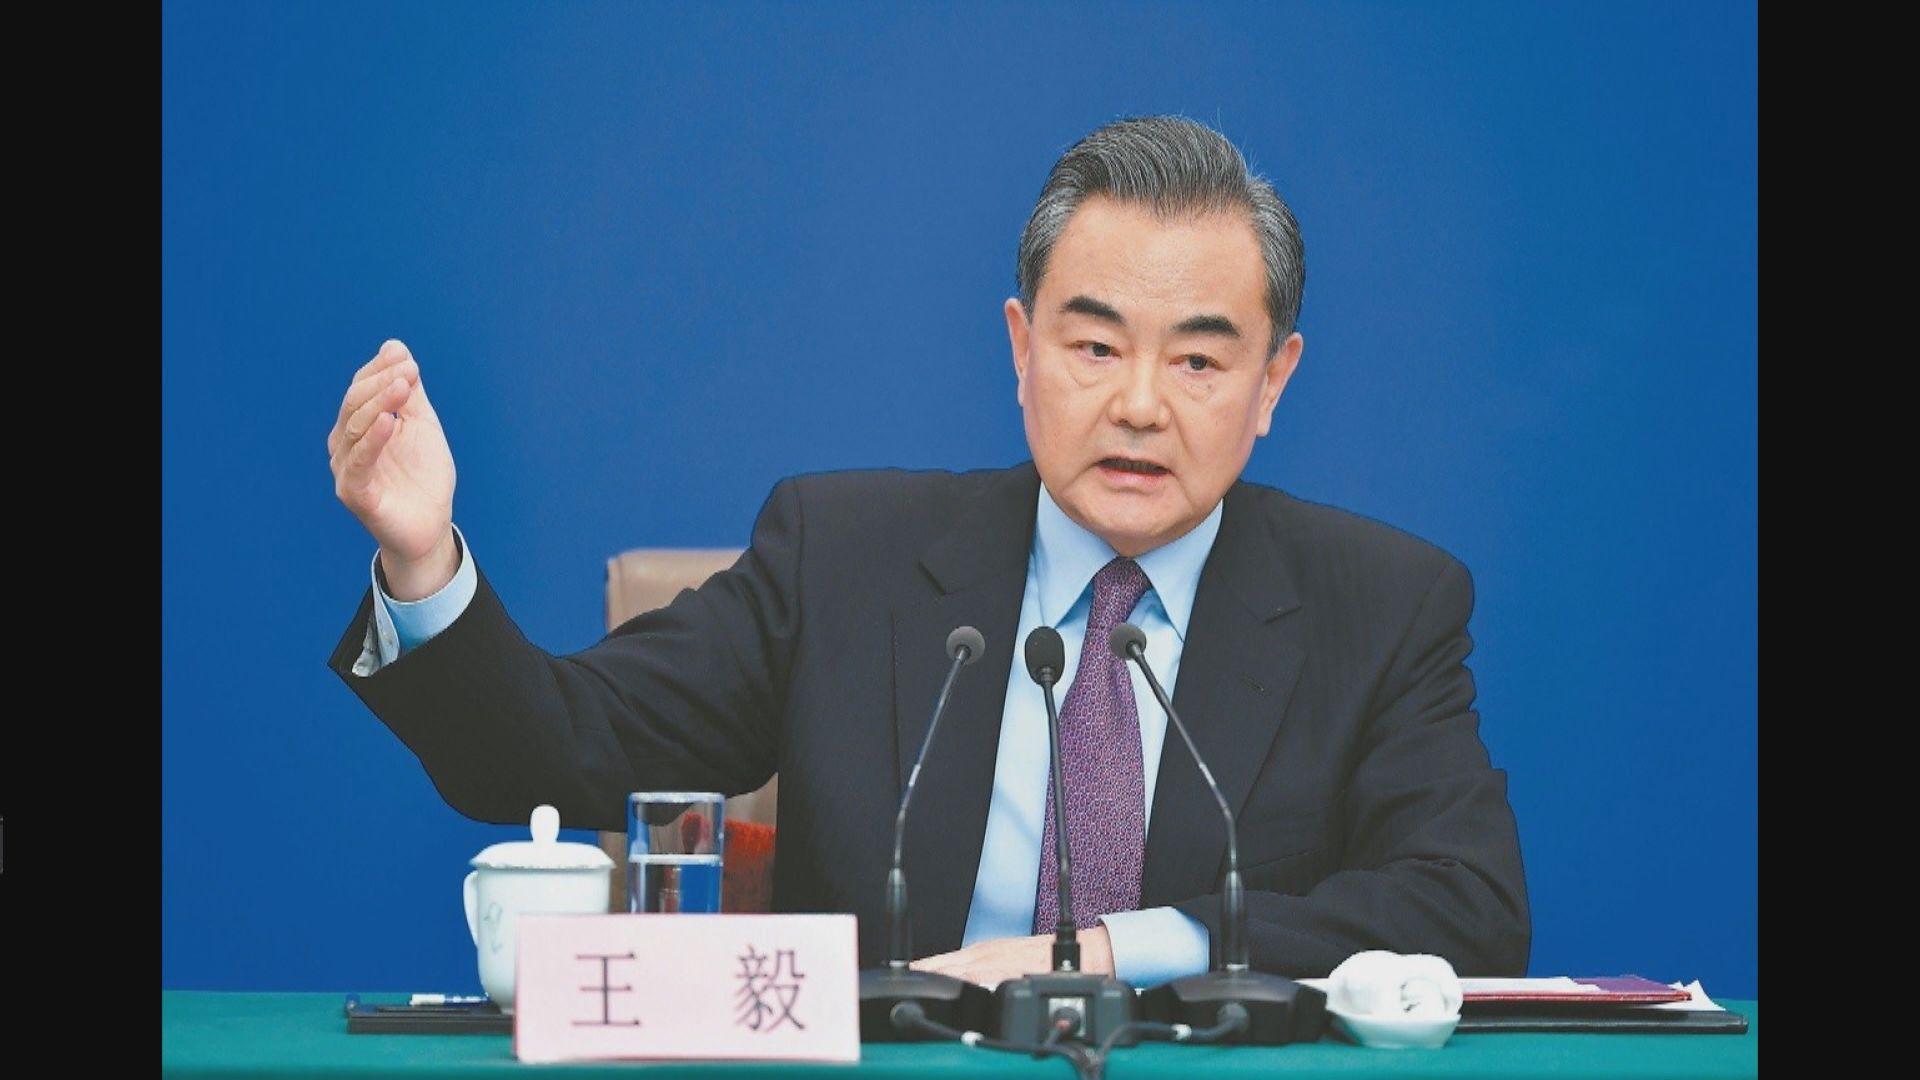 王毅:中美關係走到新的歷史關頭